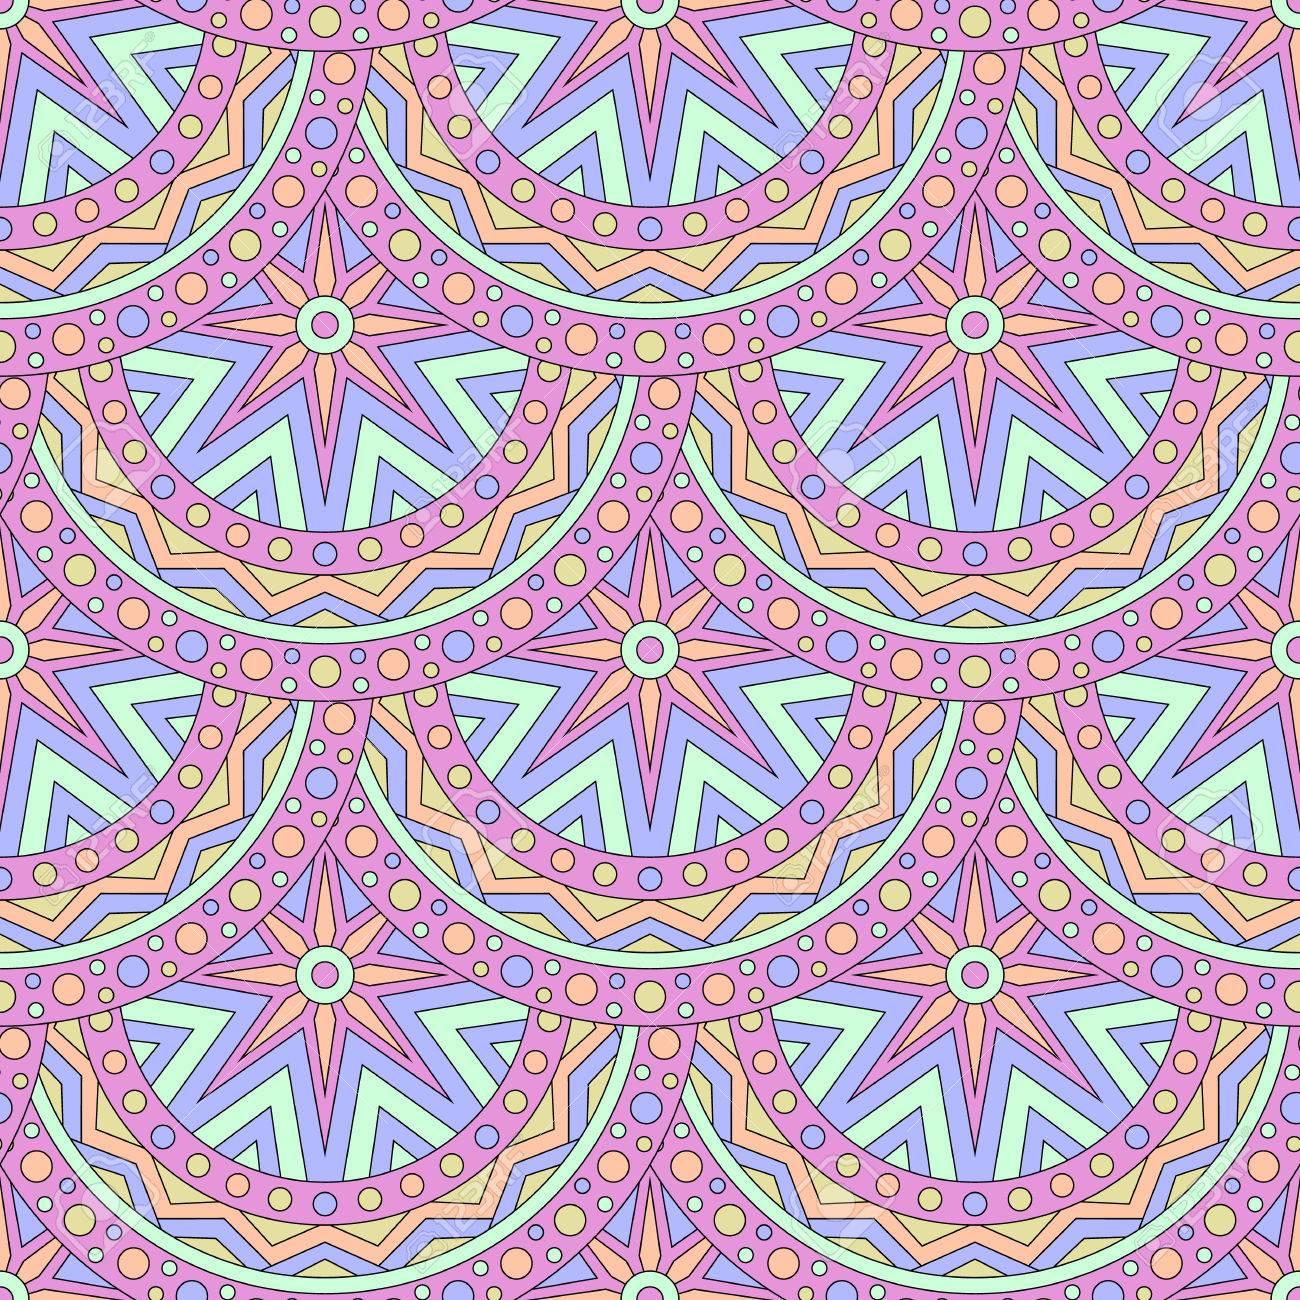 Patrón Sin Fisuras Con Mandalas De Colores Brasileño Indio Turco